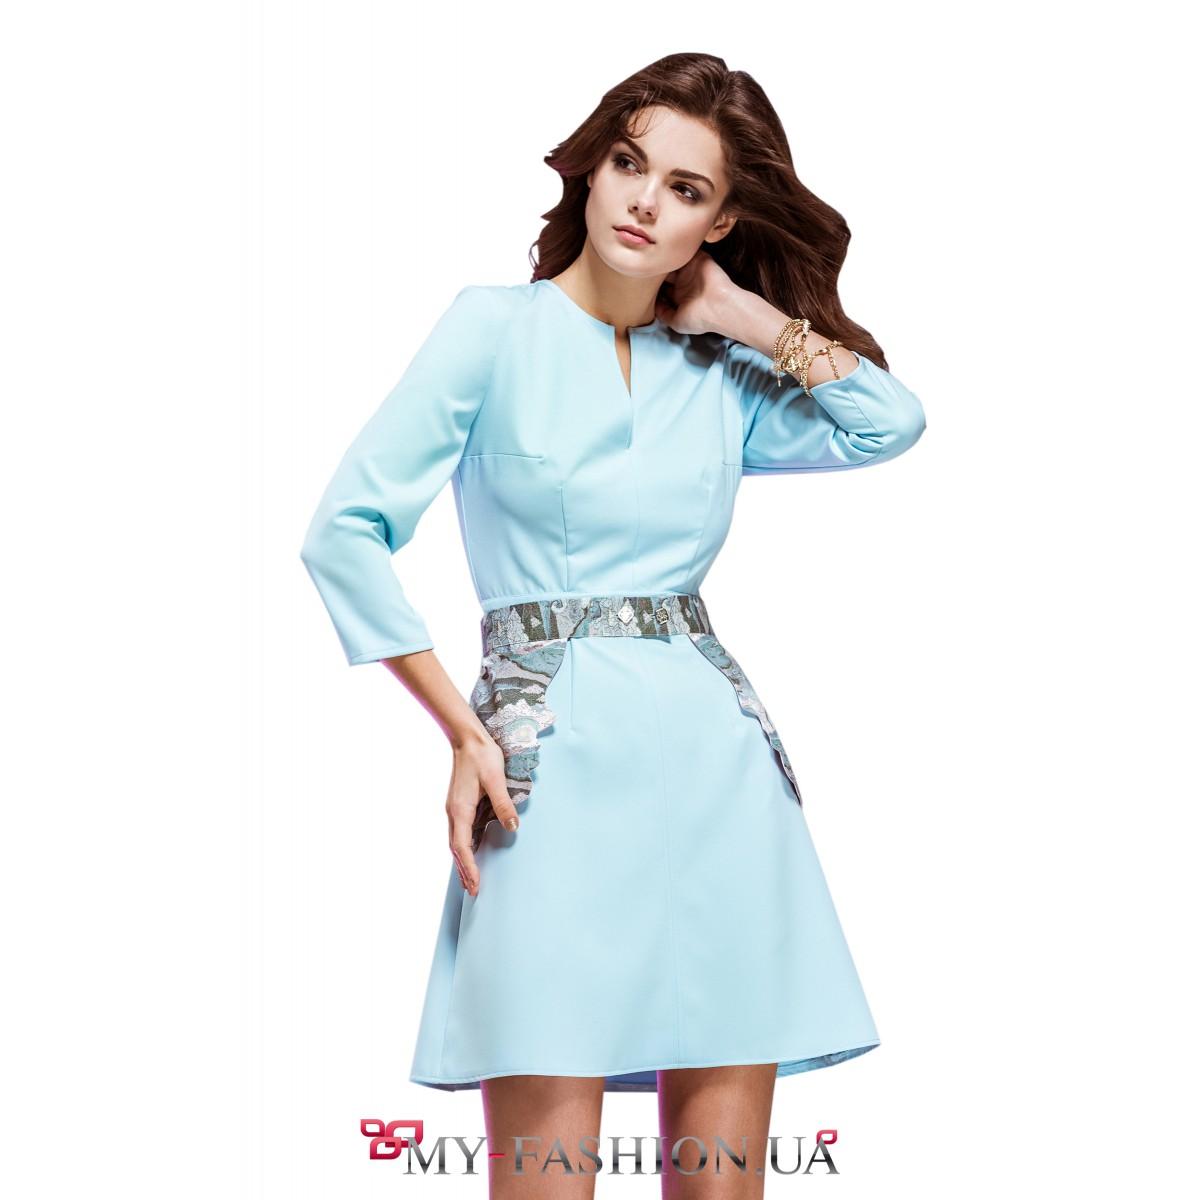 Что подойдет к платью небесно голубого цвета